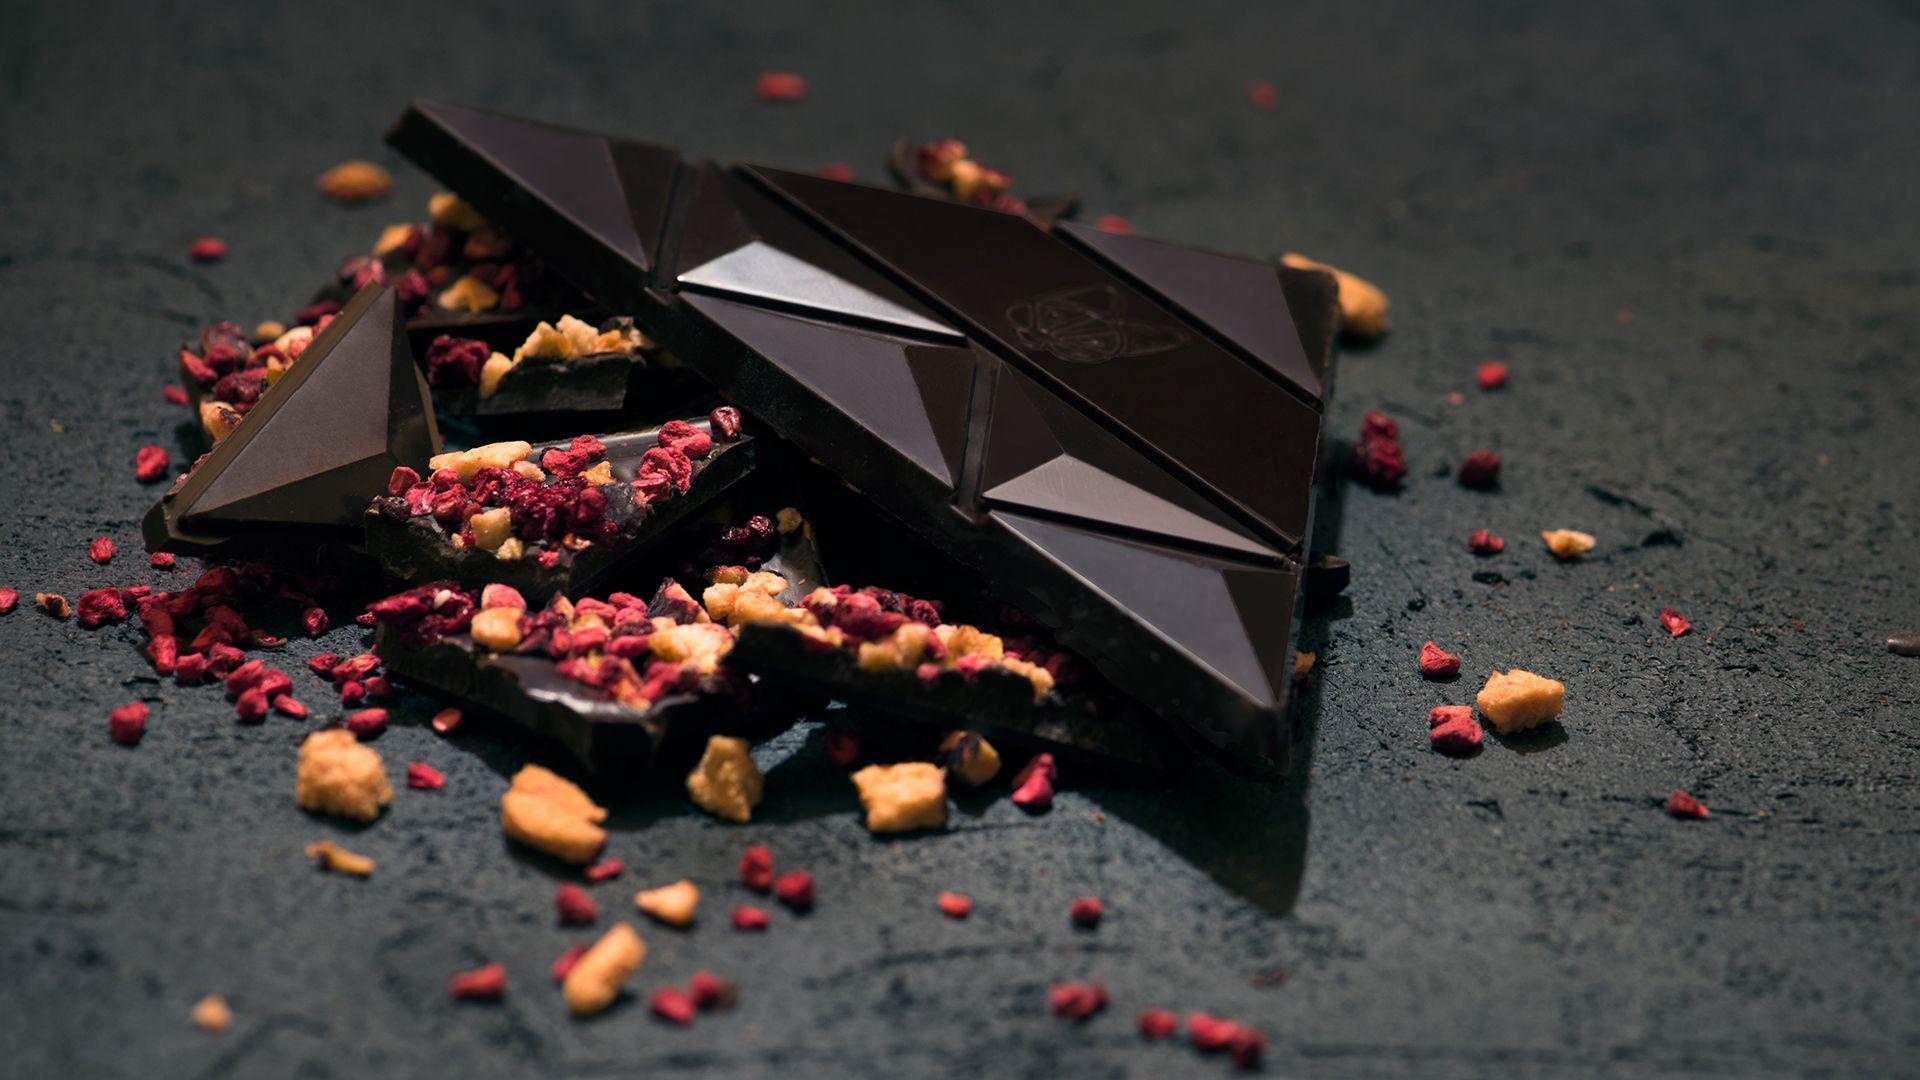 Aguara chocolate dedicated to wine Merlot